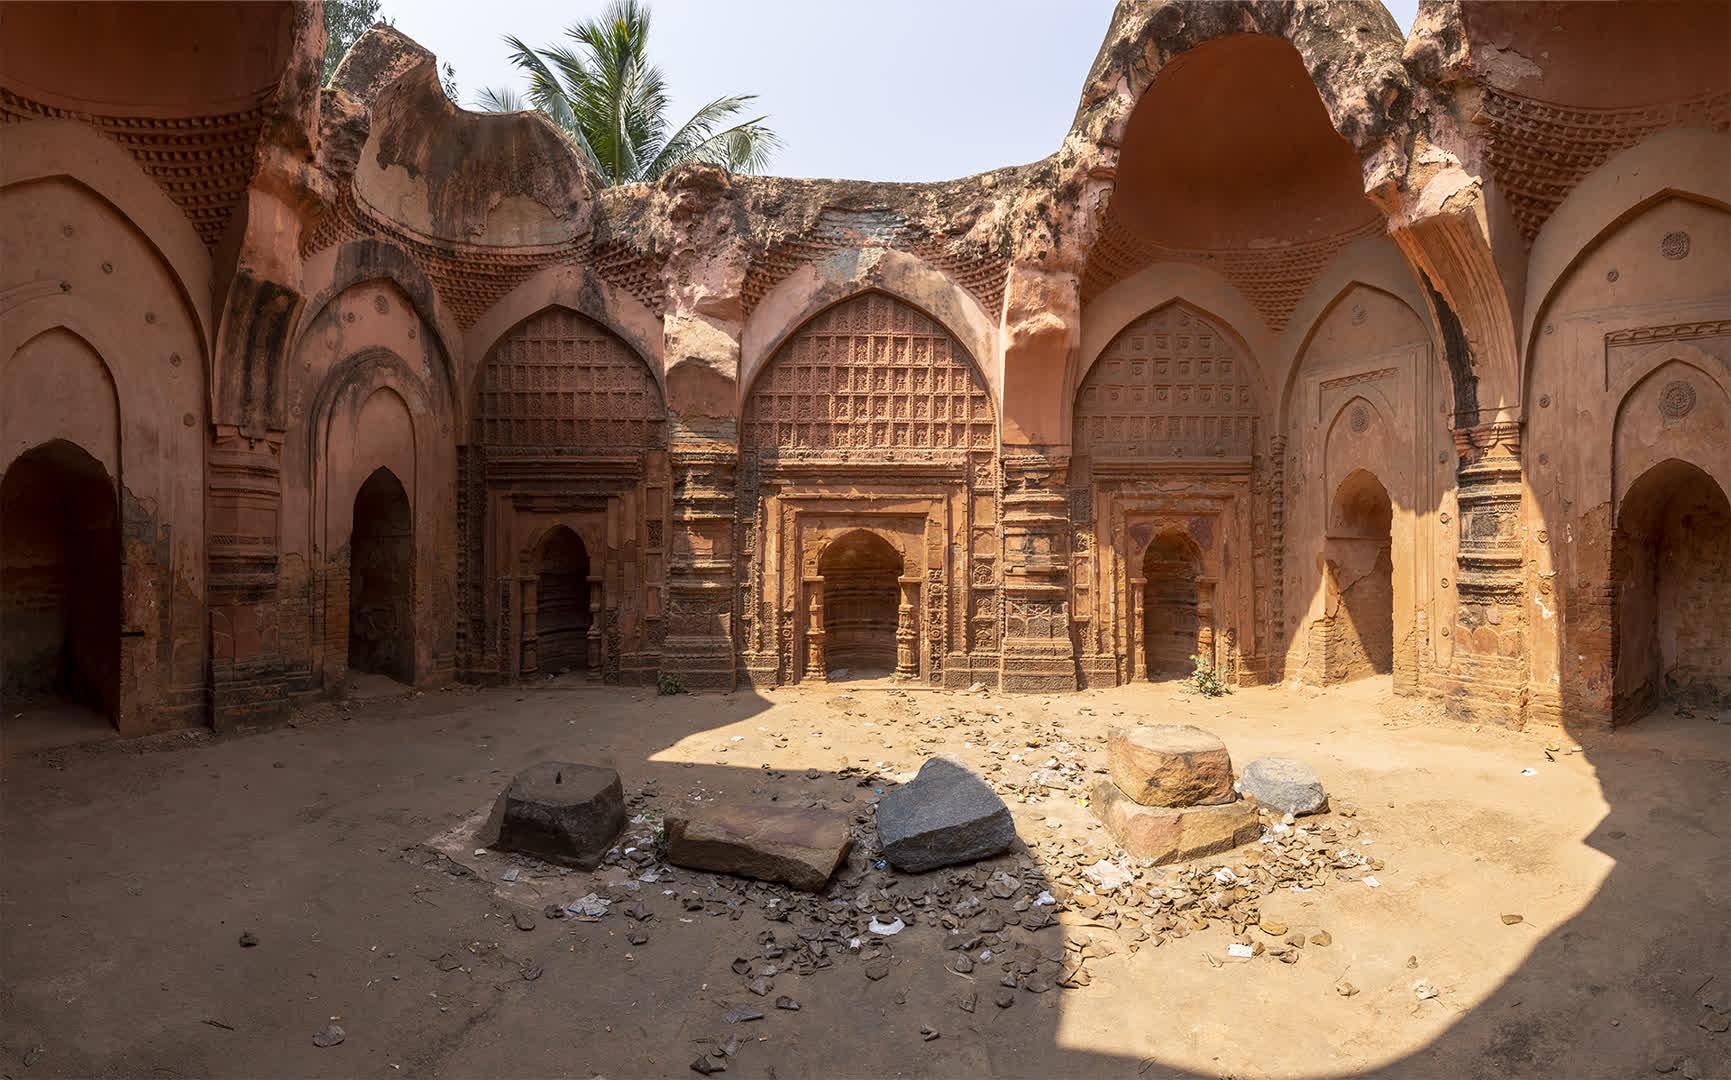 Interiors of the Motichur Mosque